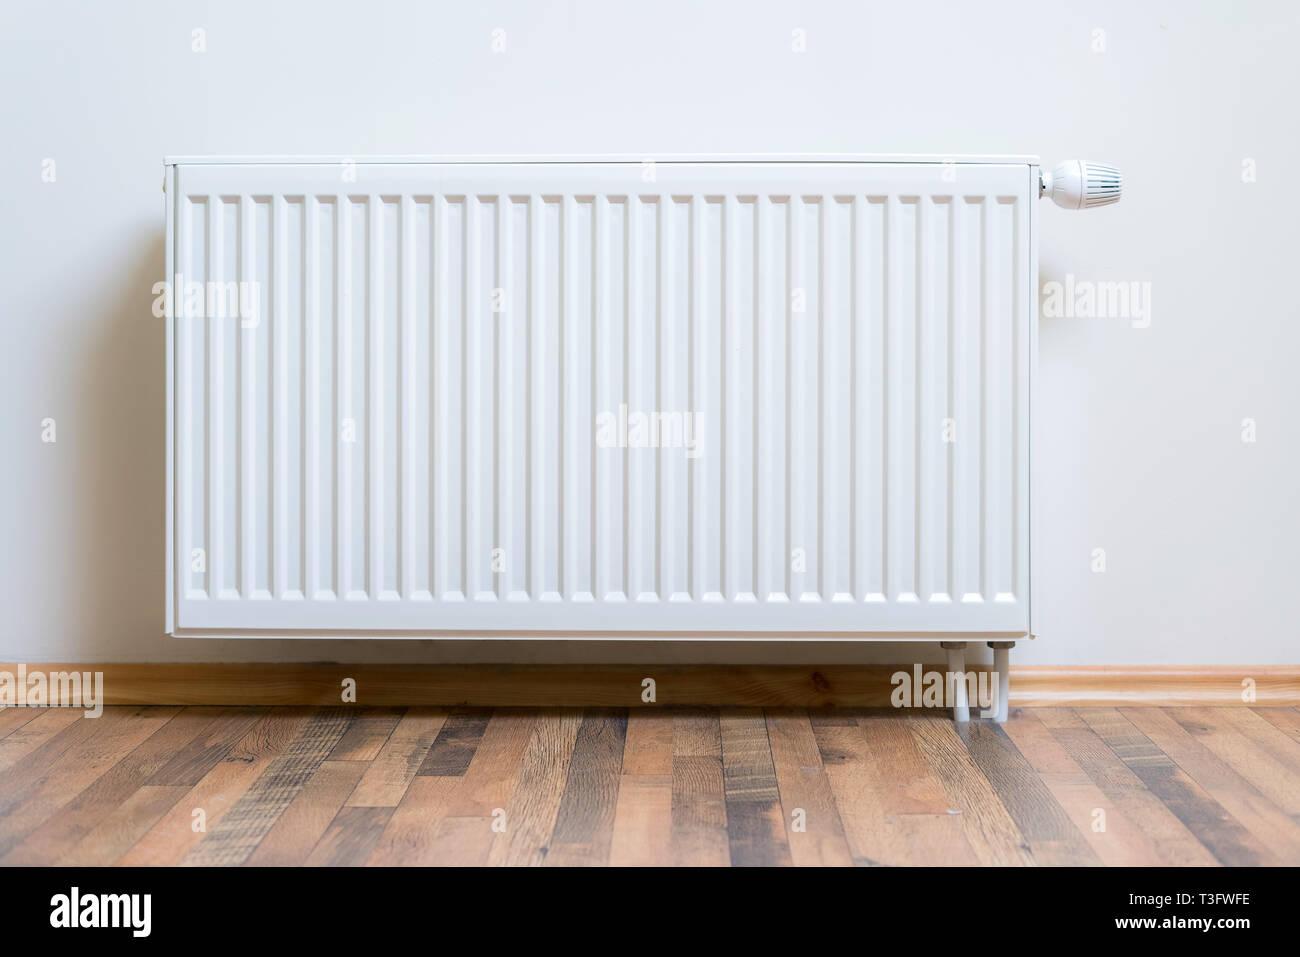 Home Radiatore riscaldatore sul muro bianco sul legno del pavimento di legno duro. Riscaldamento regolabile attrezzatura per appartamento e home Immagini Stock